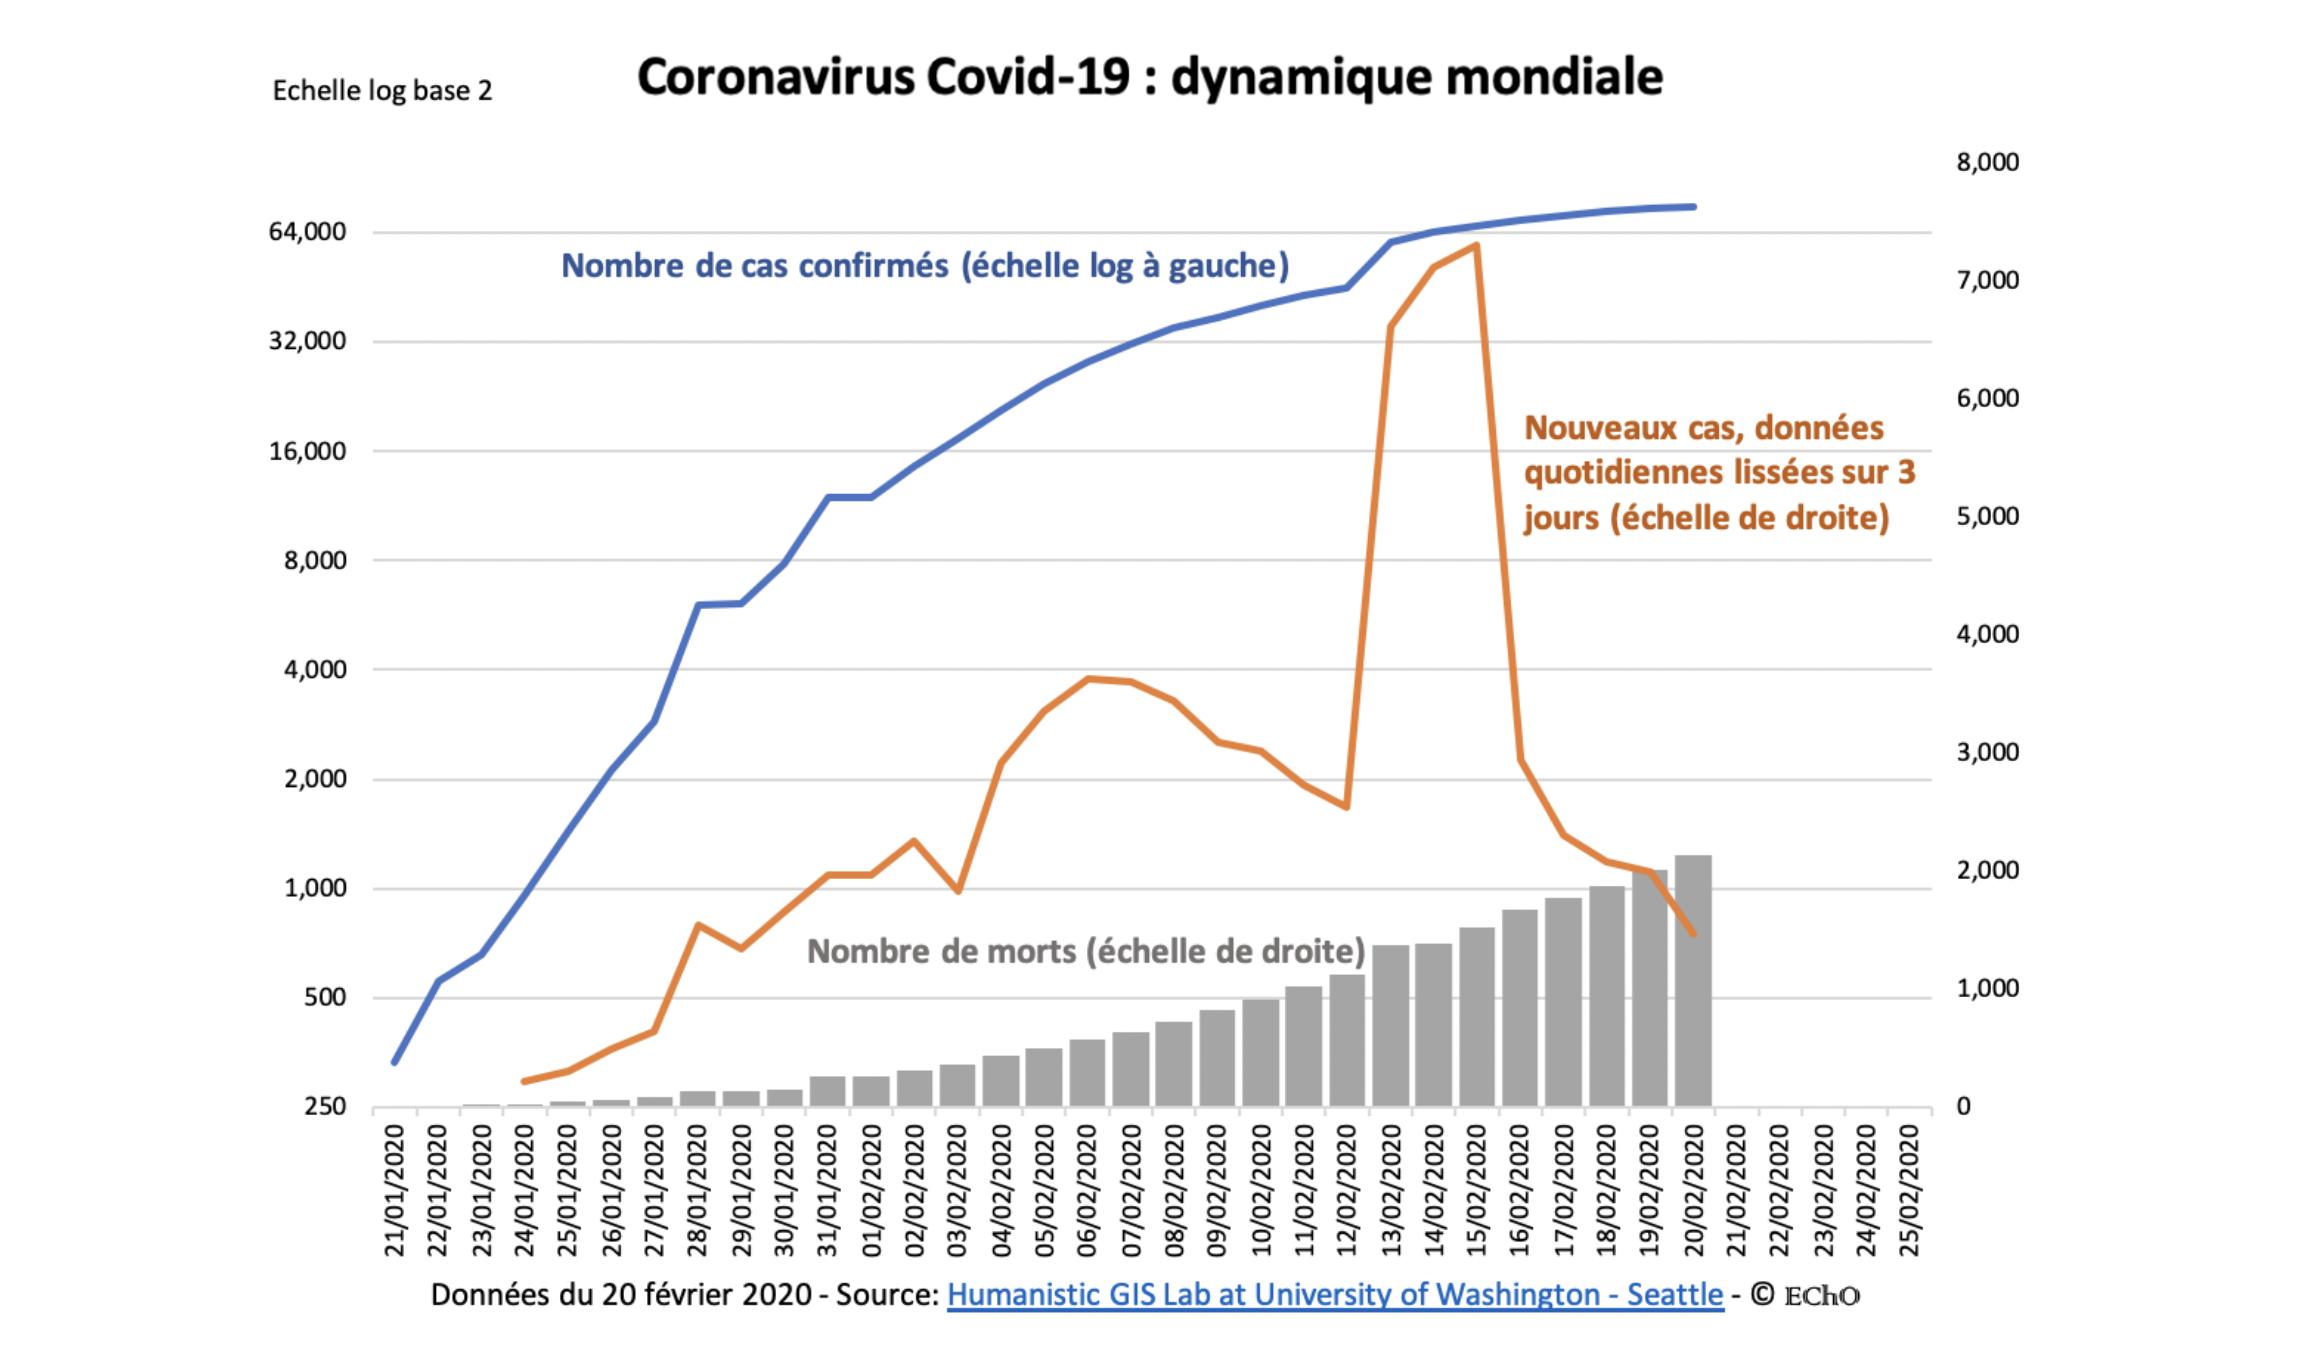 Coronavirus: les conséquences sur l'économie russe et les mesures du plan anti-crise